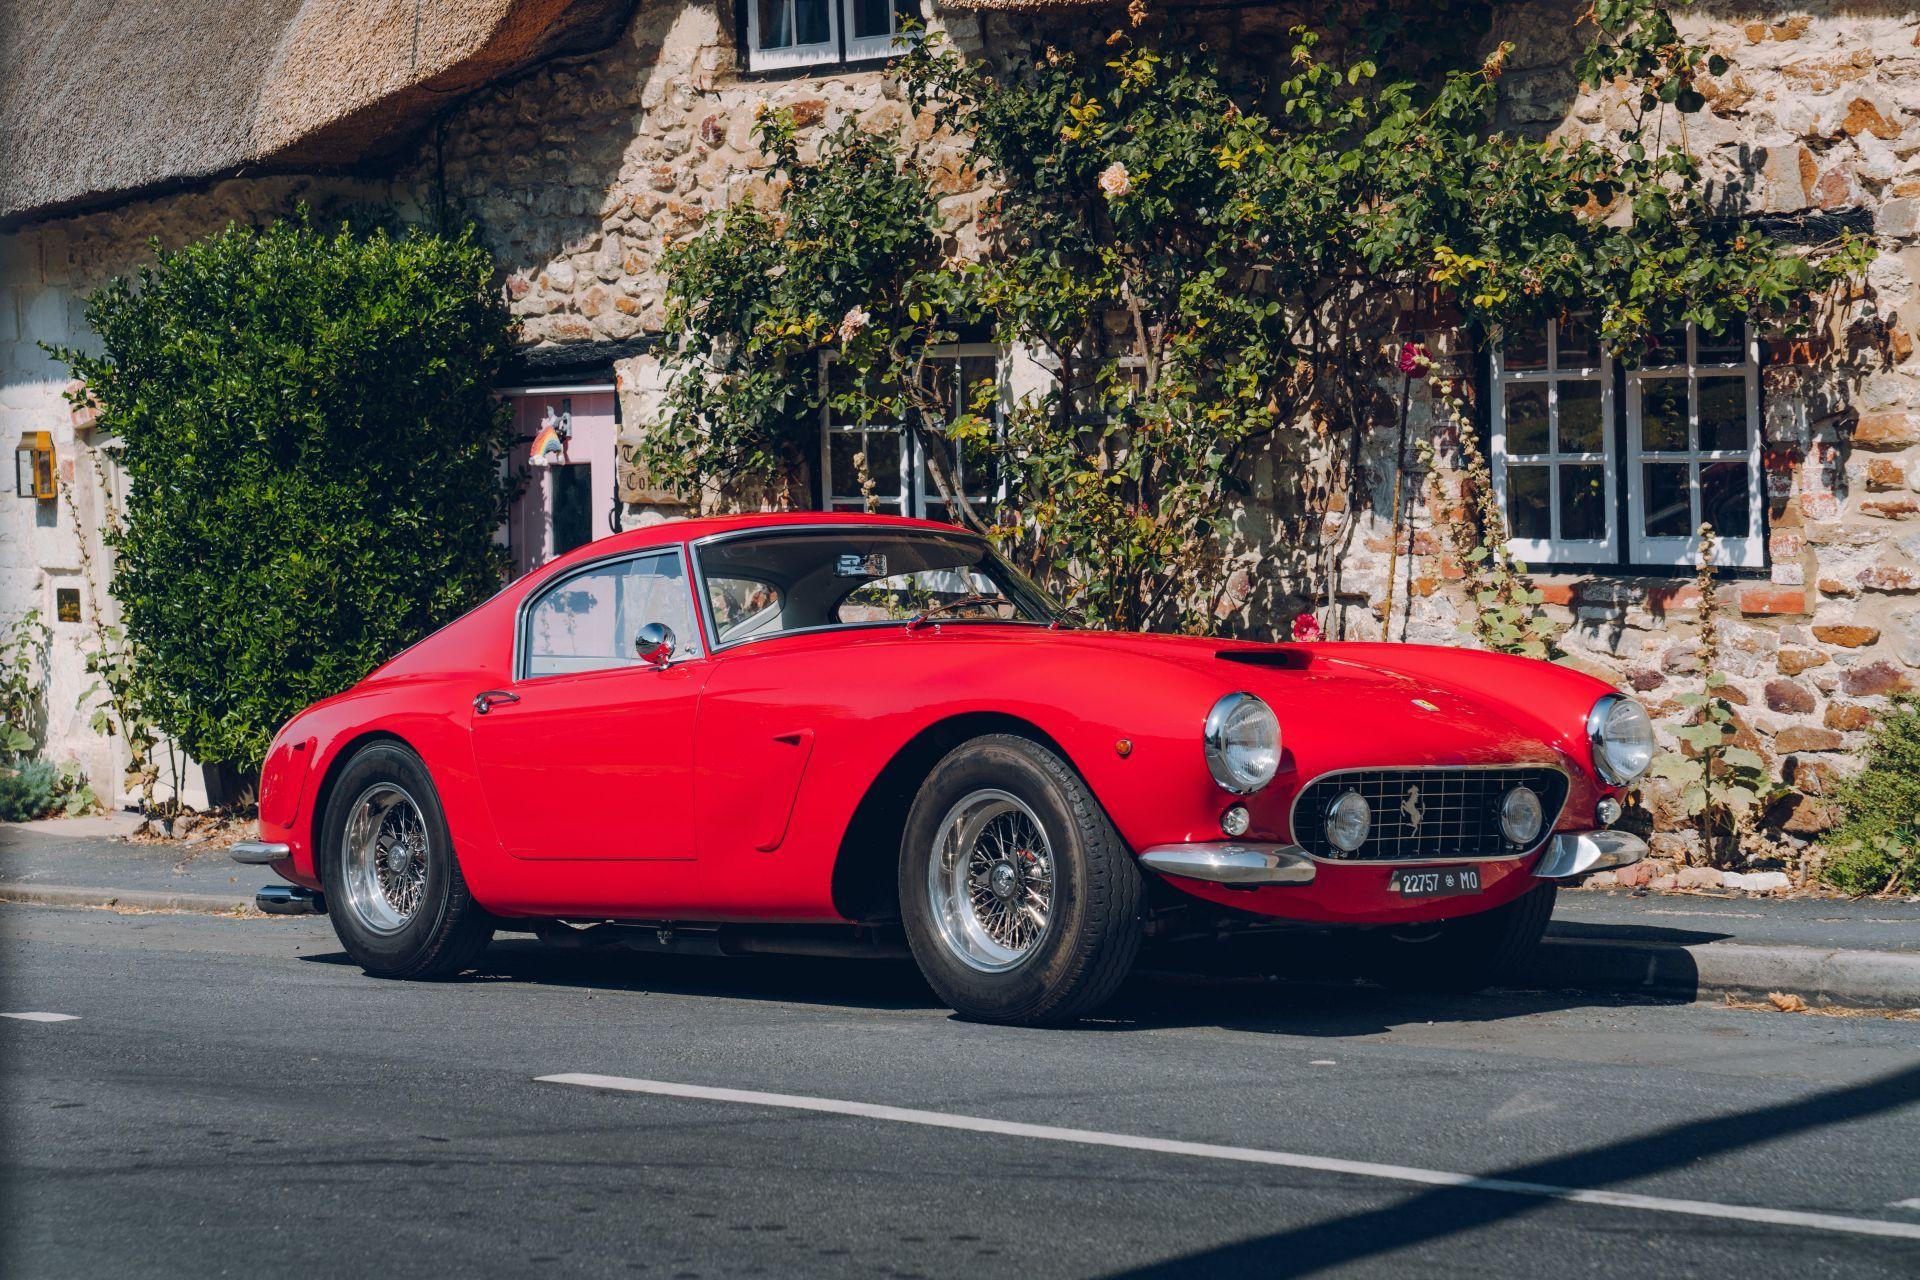 Ferrari-250-GT-SWB-Berlinetta-Competizione-Revival-by-GTO-Engineering-48